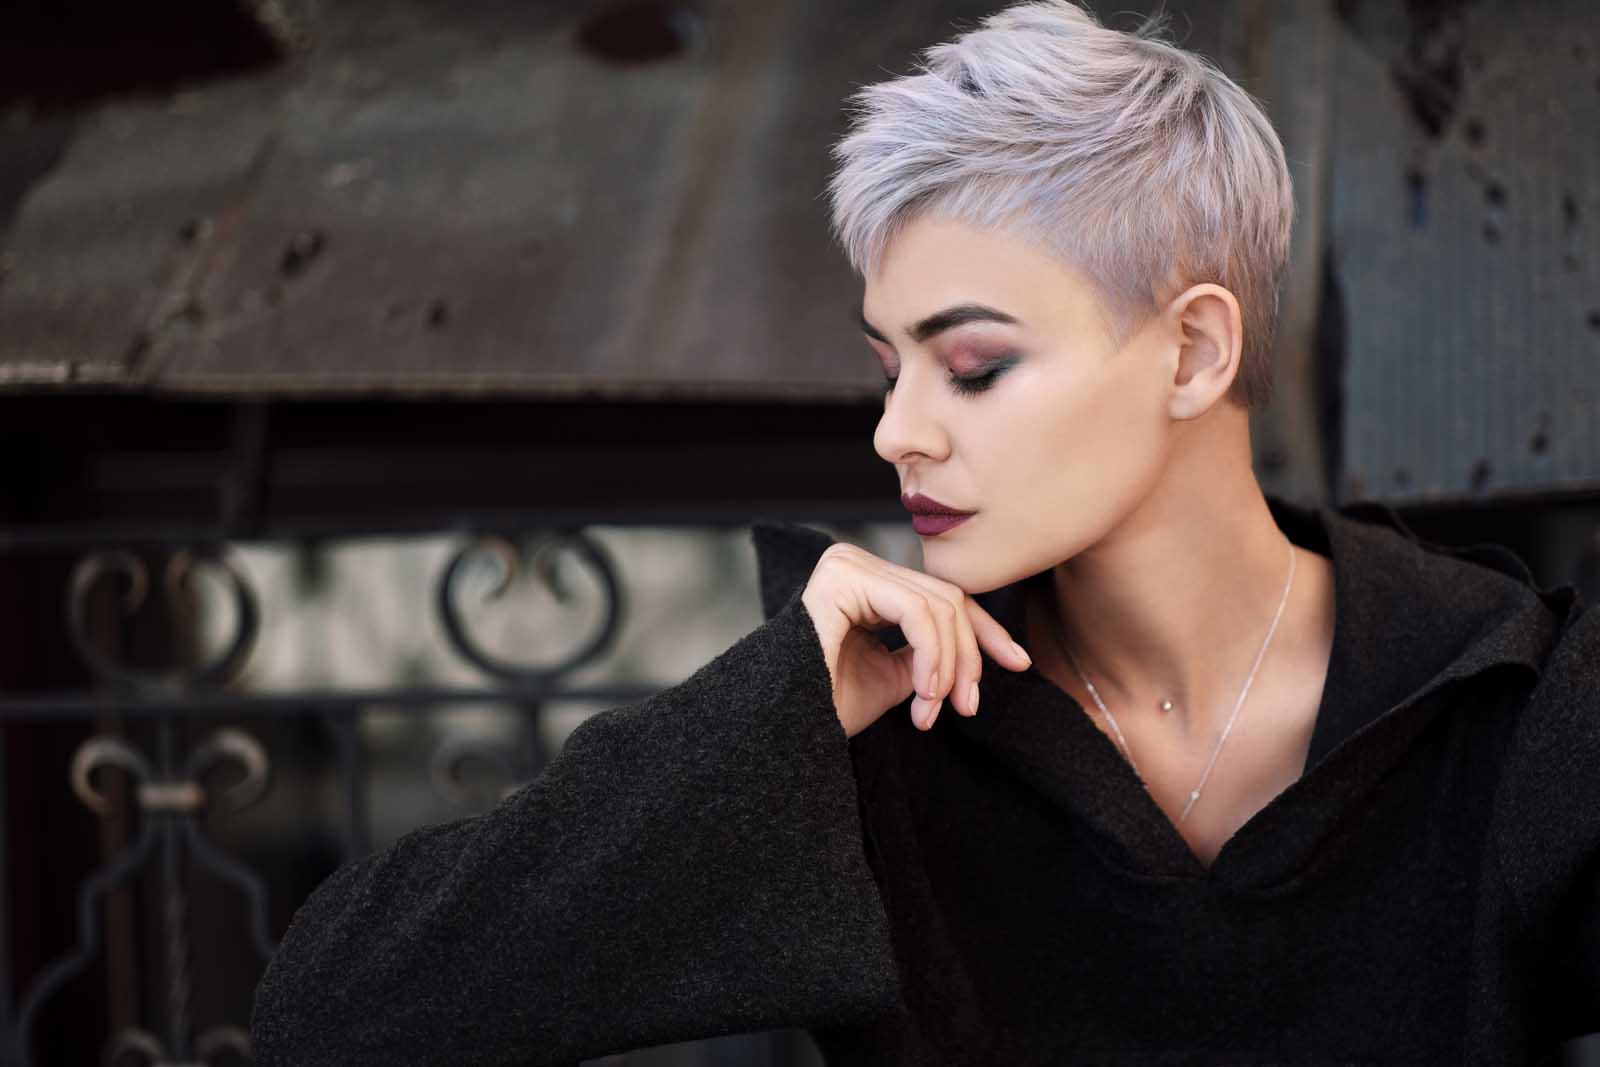 Mujer joven con pelo corto canoso